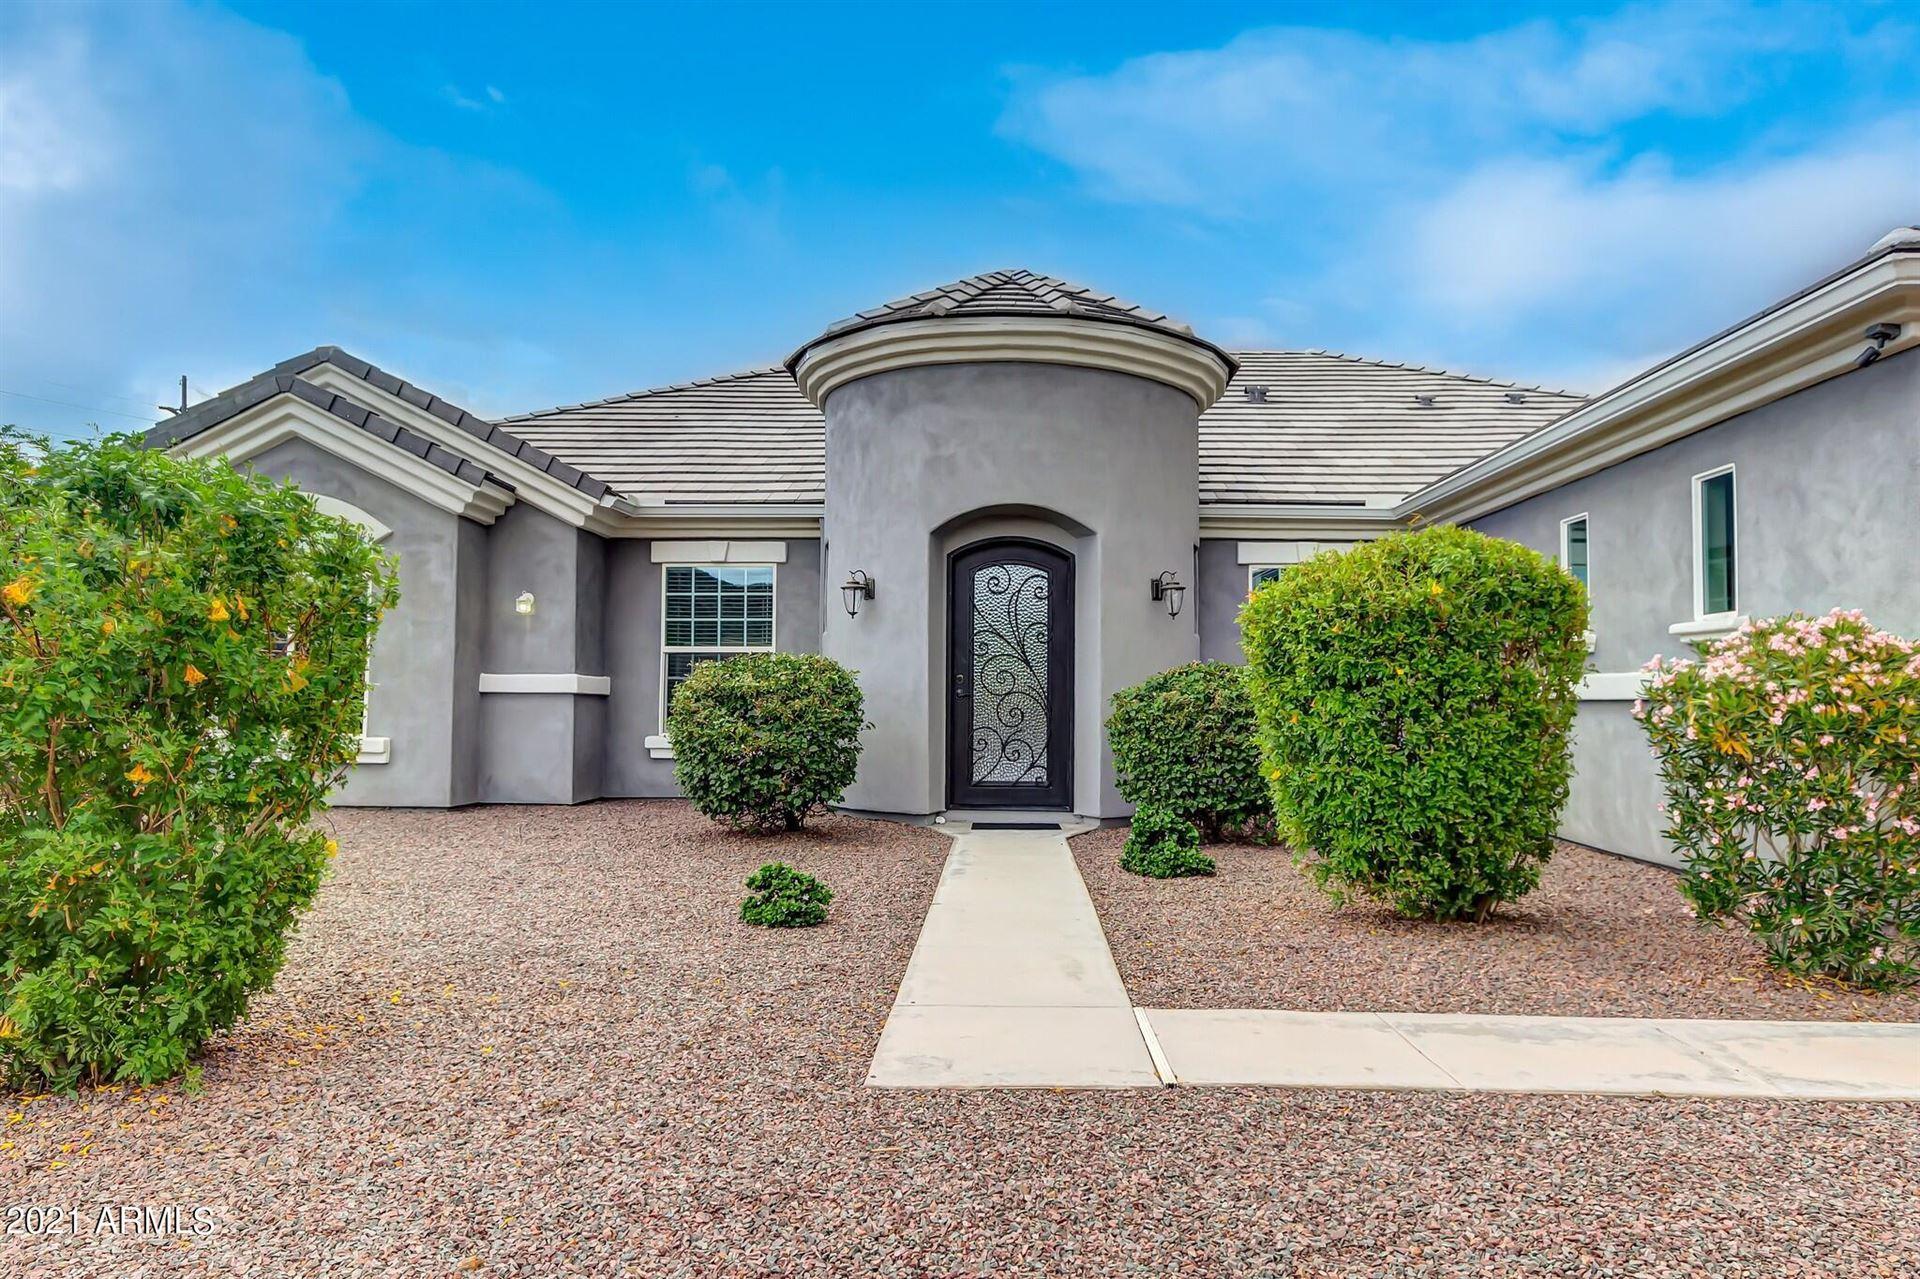 36208 29TH Lane                                                                               Phoenix                                                                      , AZ - $1,337,000